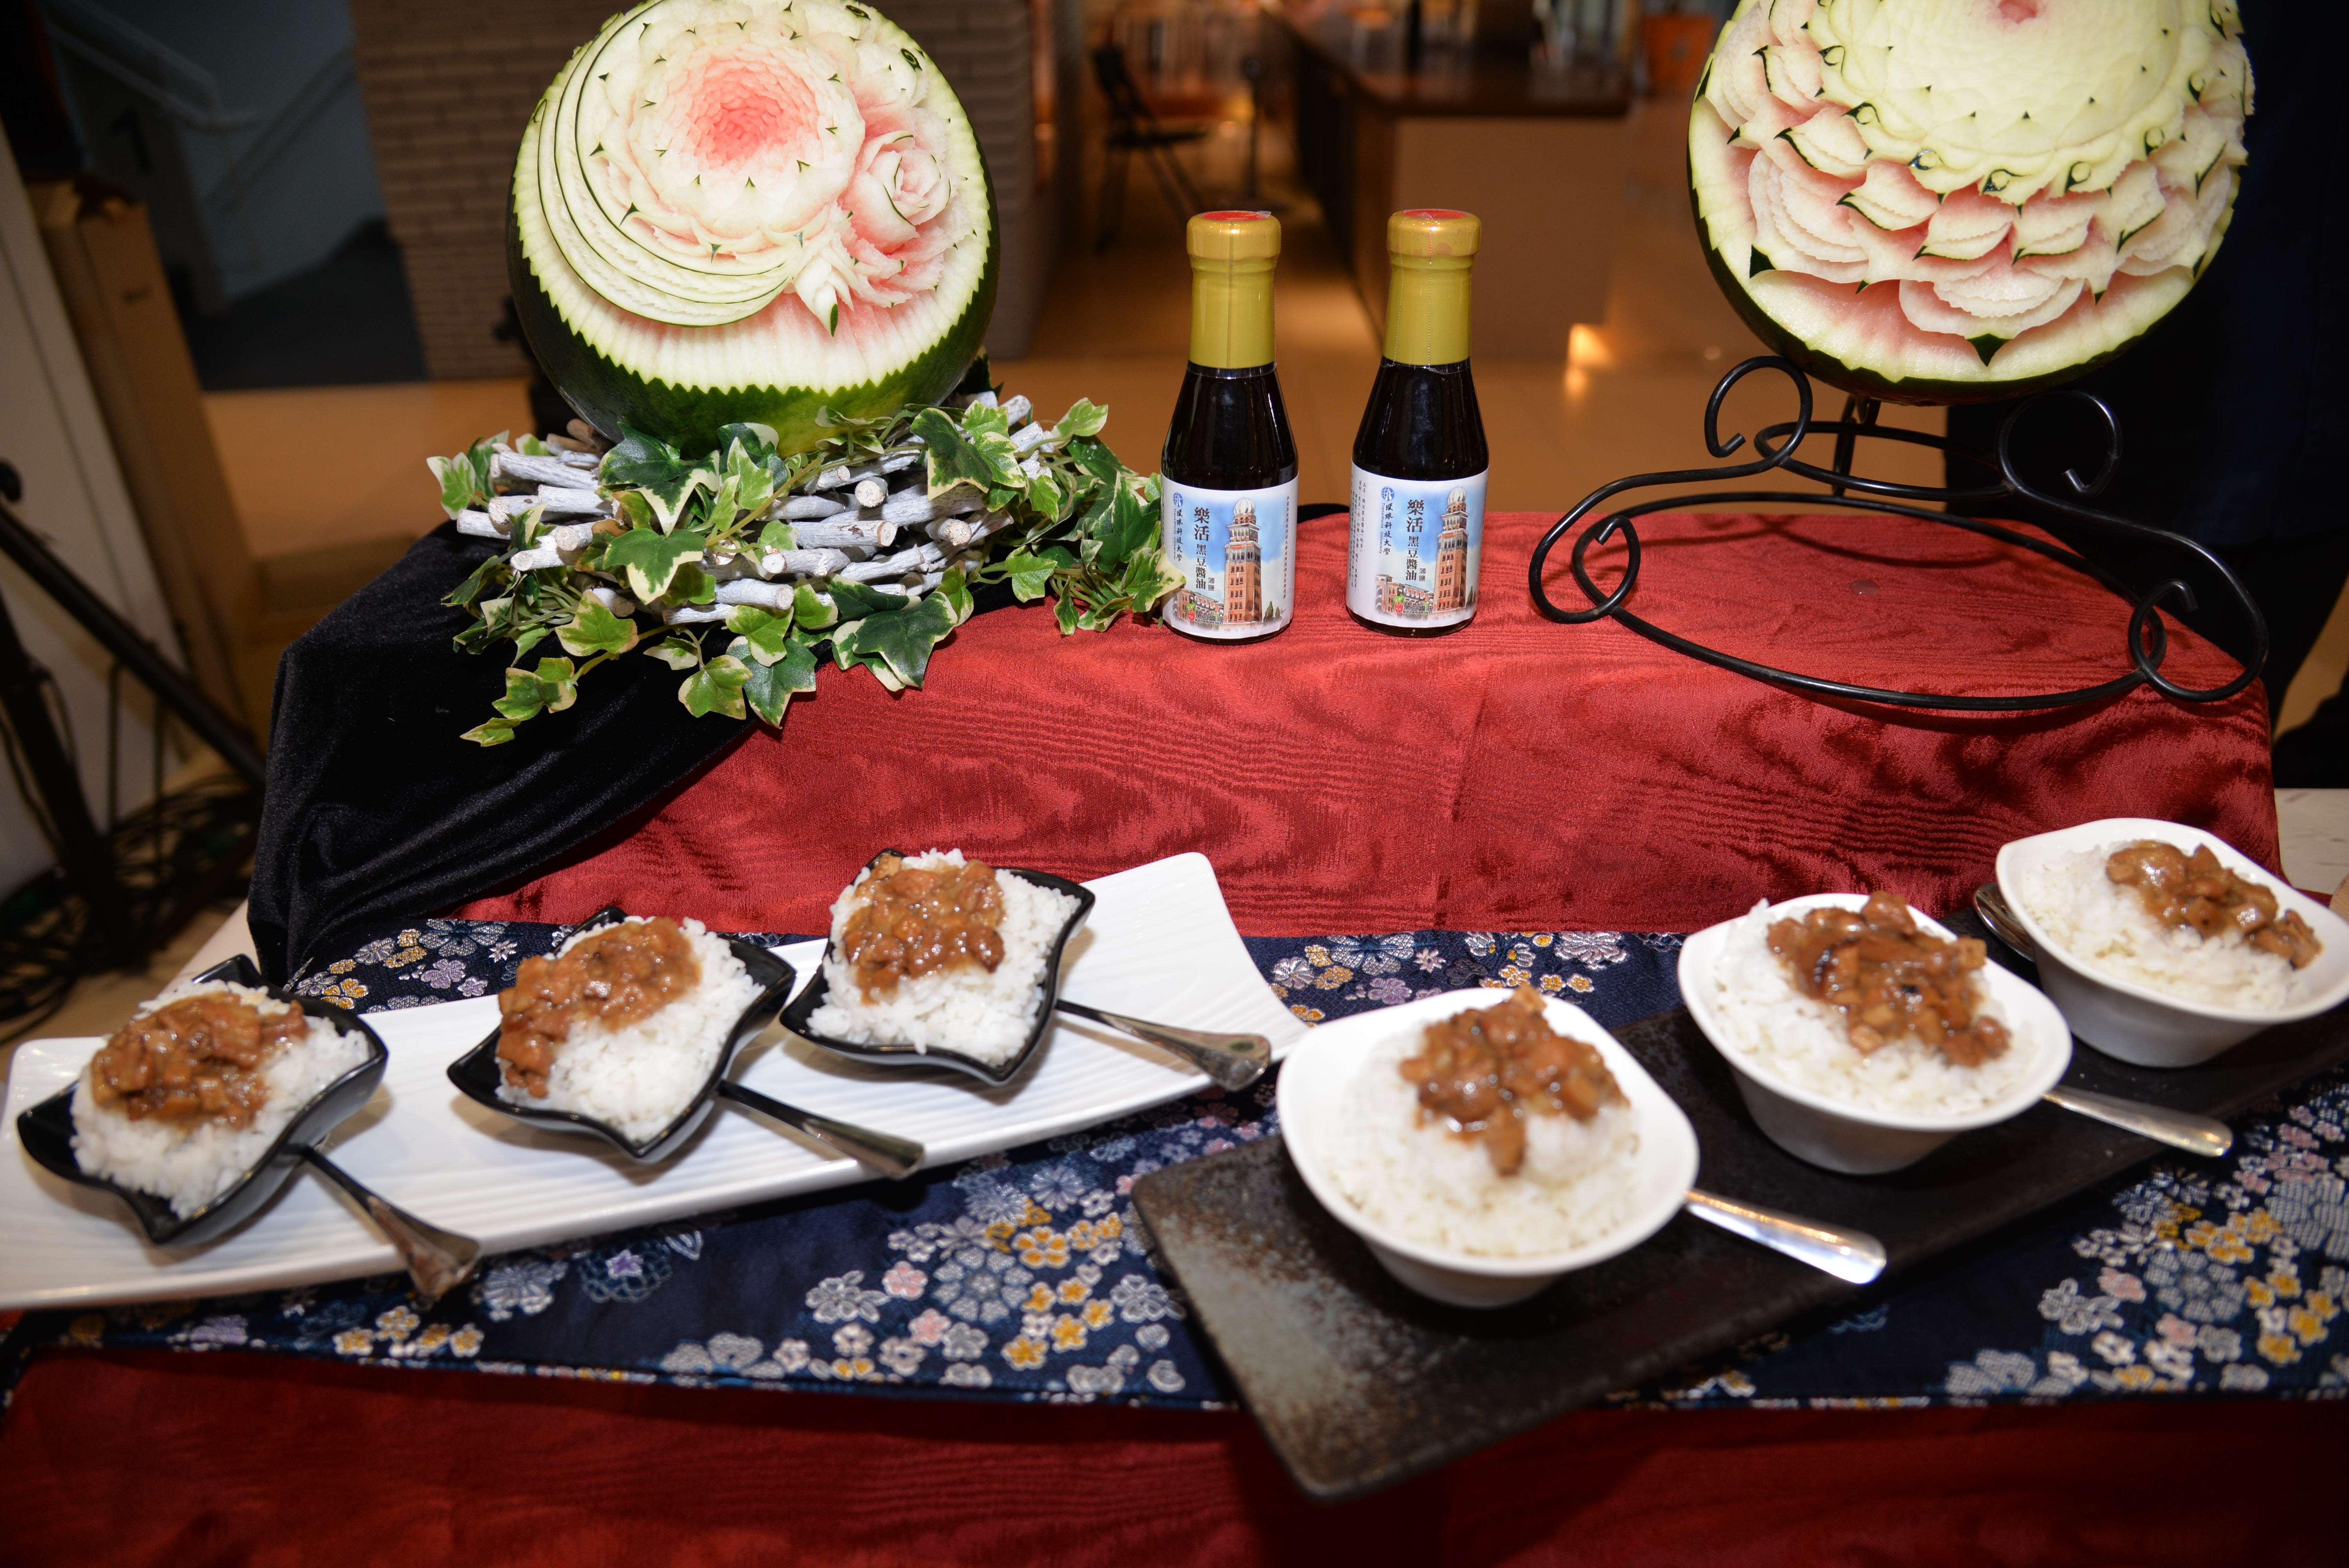 集結雲林良品豬、米及醬油在地精選食材,做為滷肉飯靈魂元素,就是雲林滷肉飯獨特飄香的秘訣